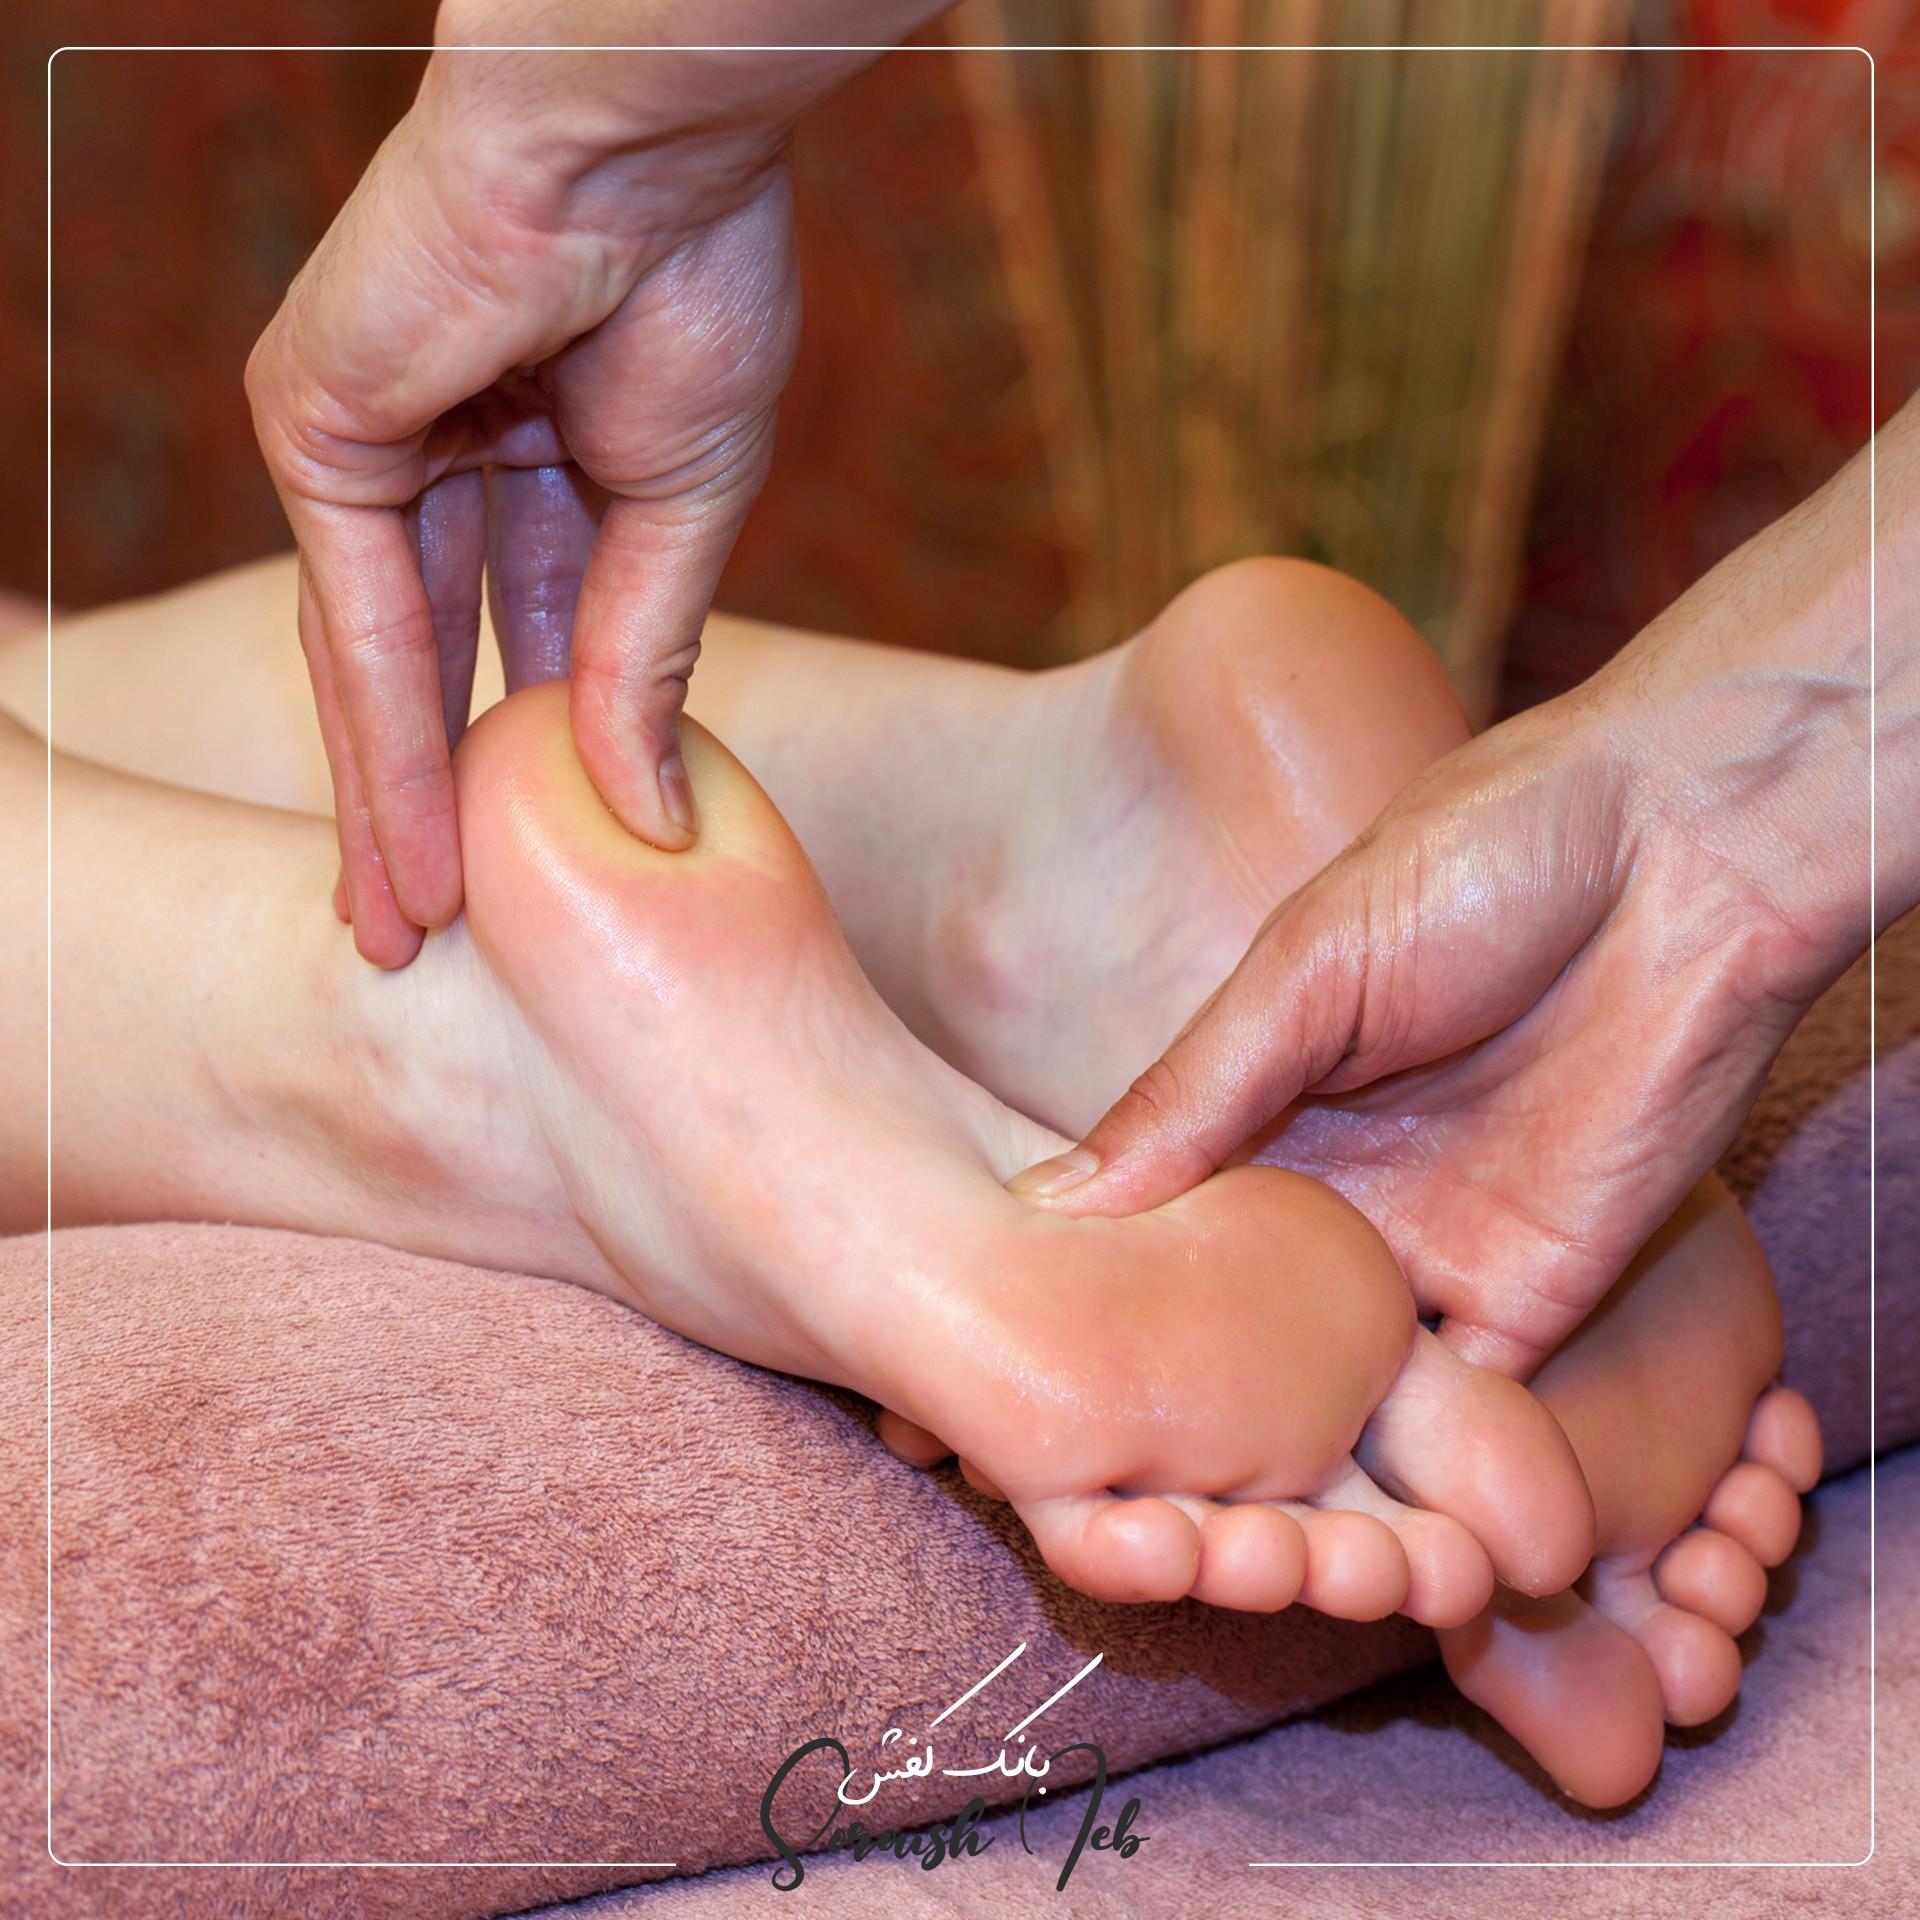 فشاردادن کف پا با انگشت شست